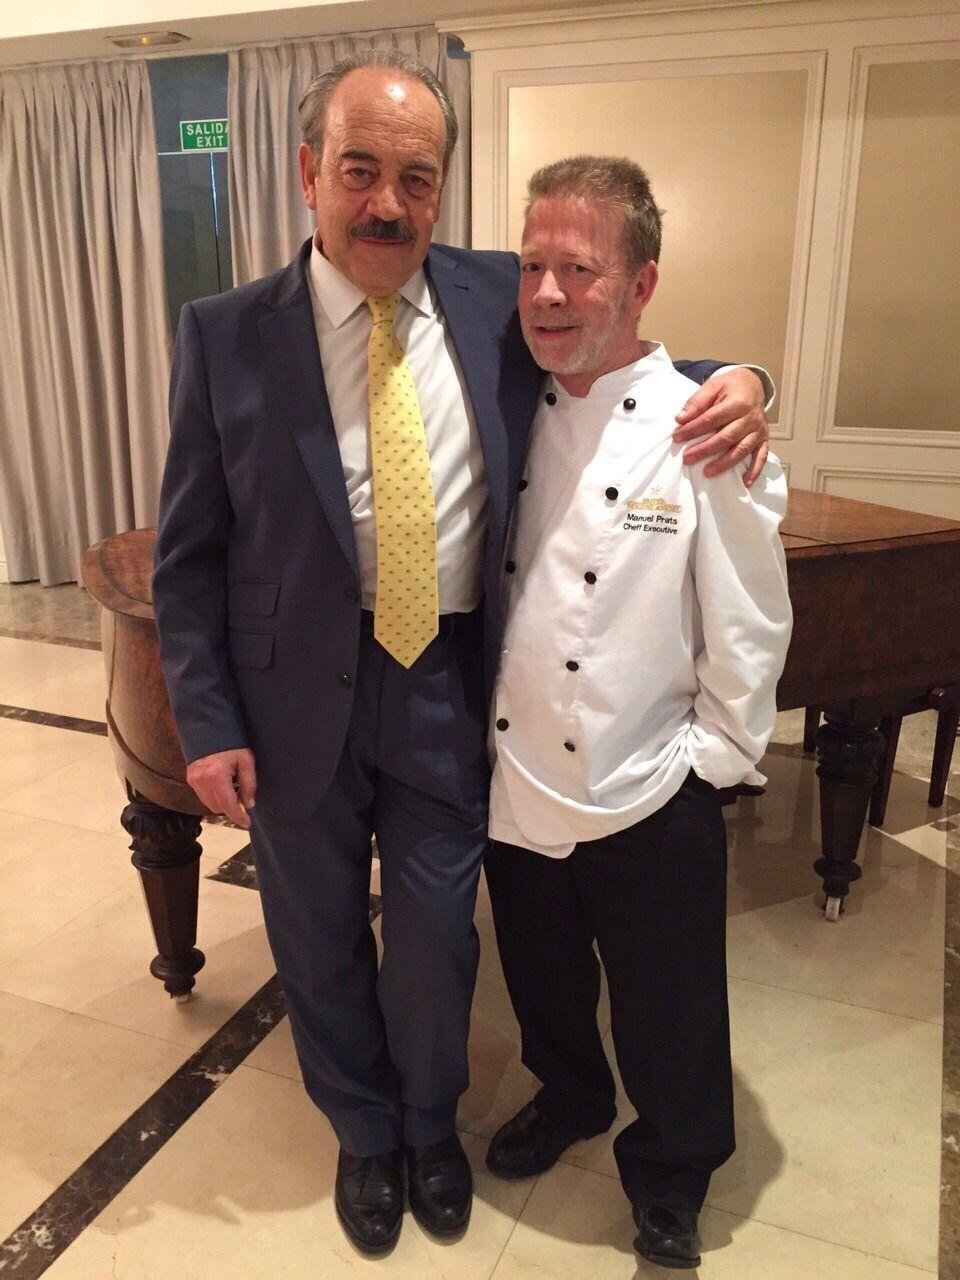 El actor Tito Valverde, con nuestro chef ejecutivo Manuel Prats